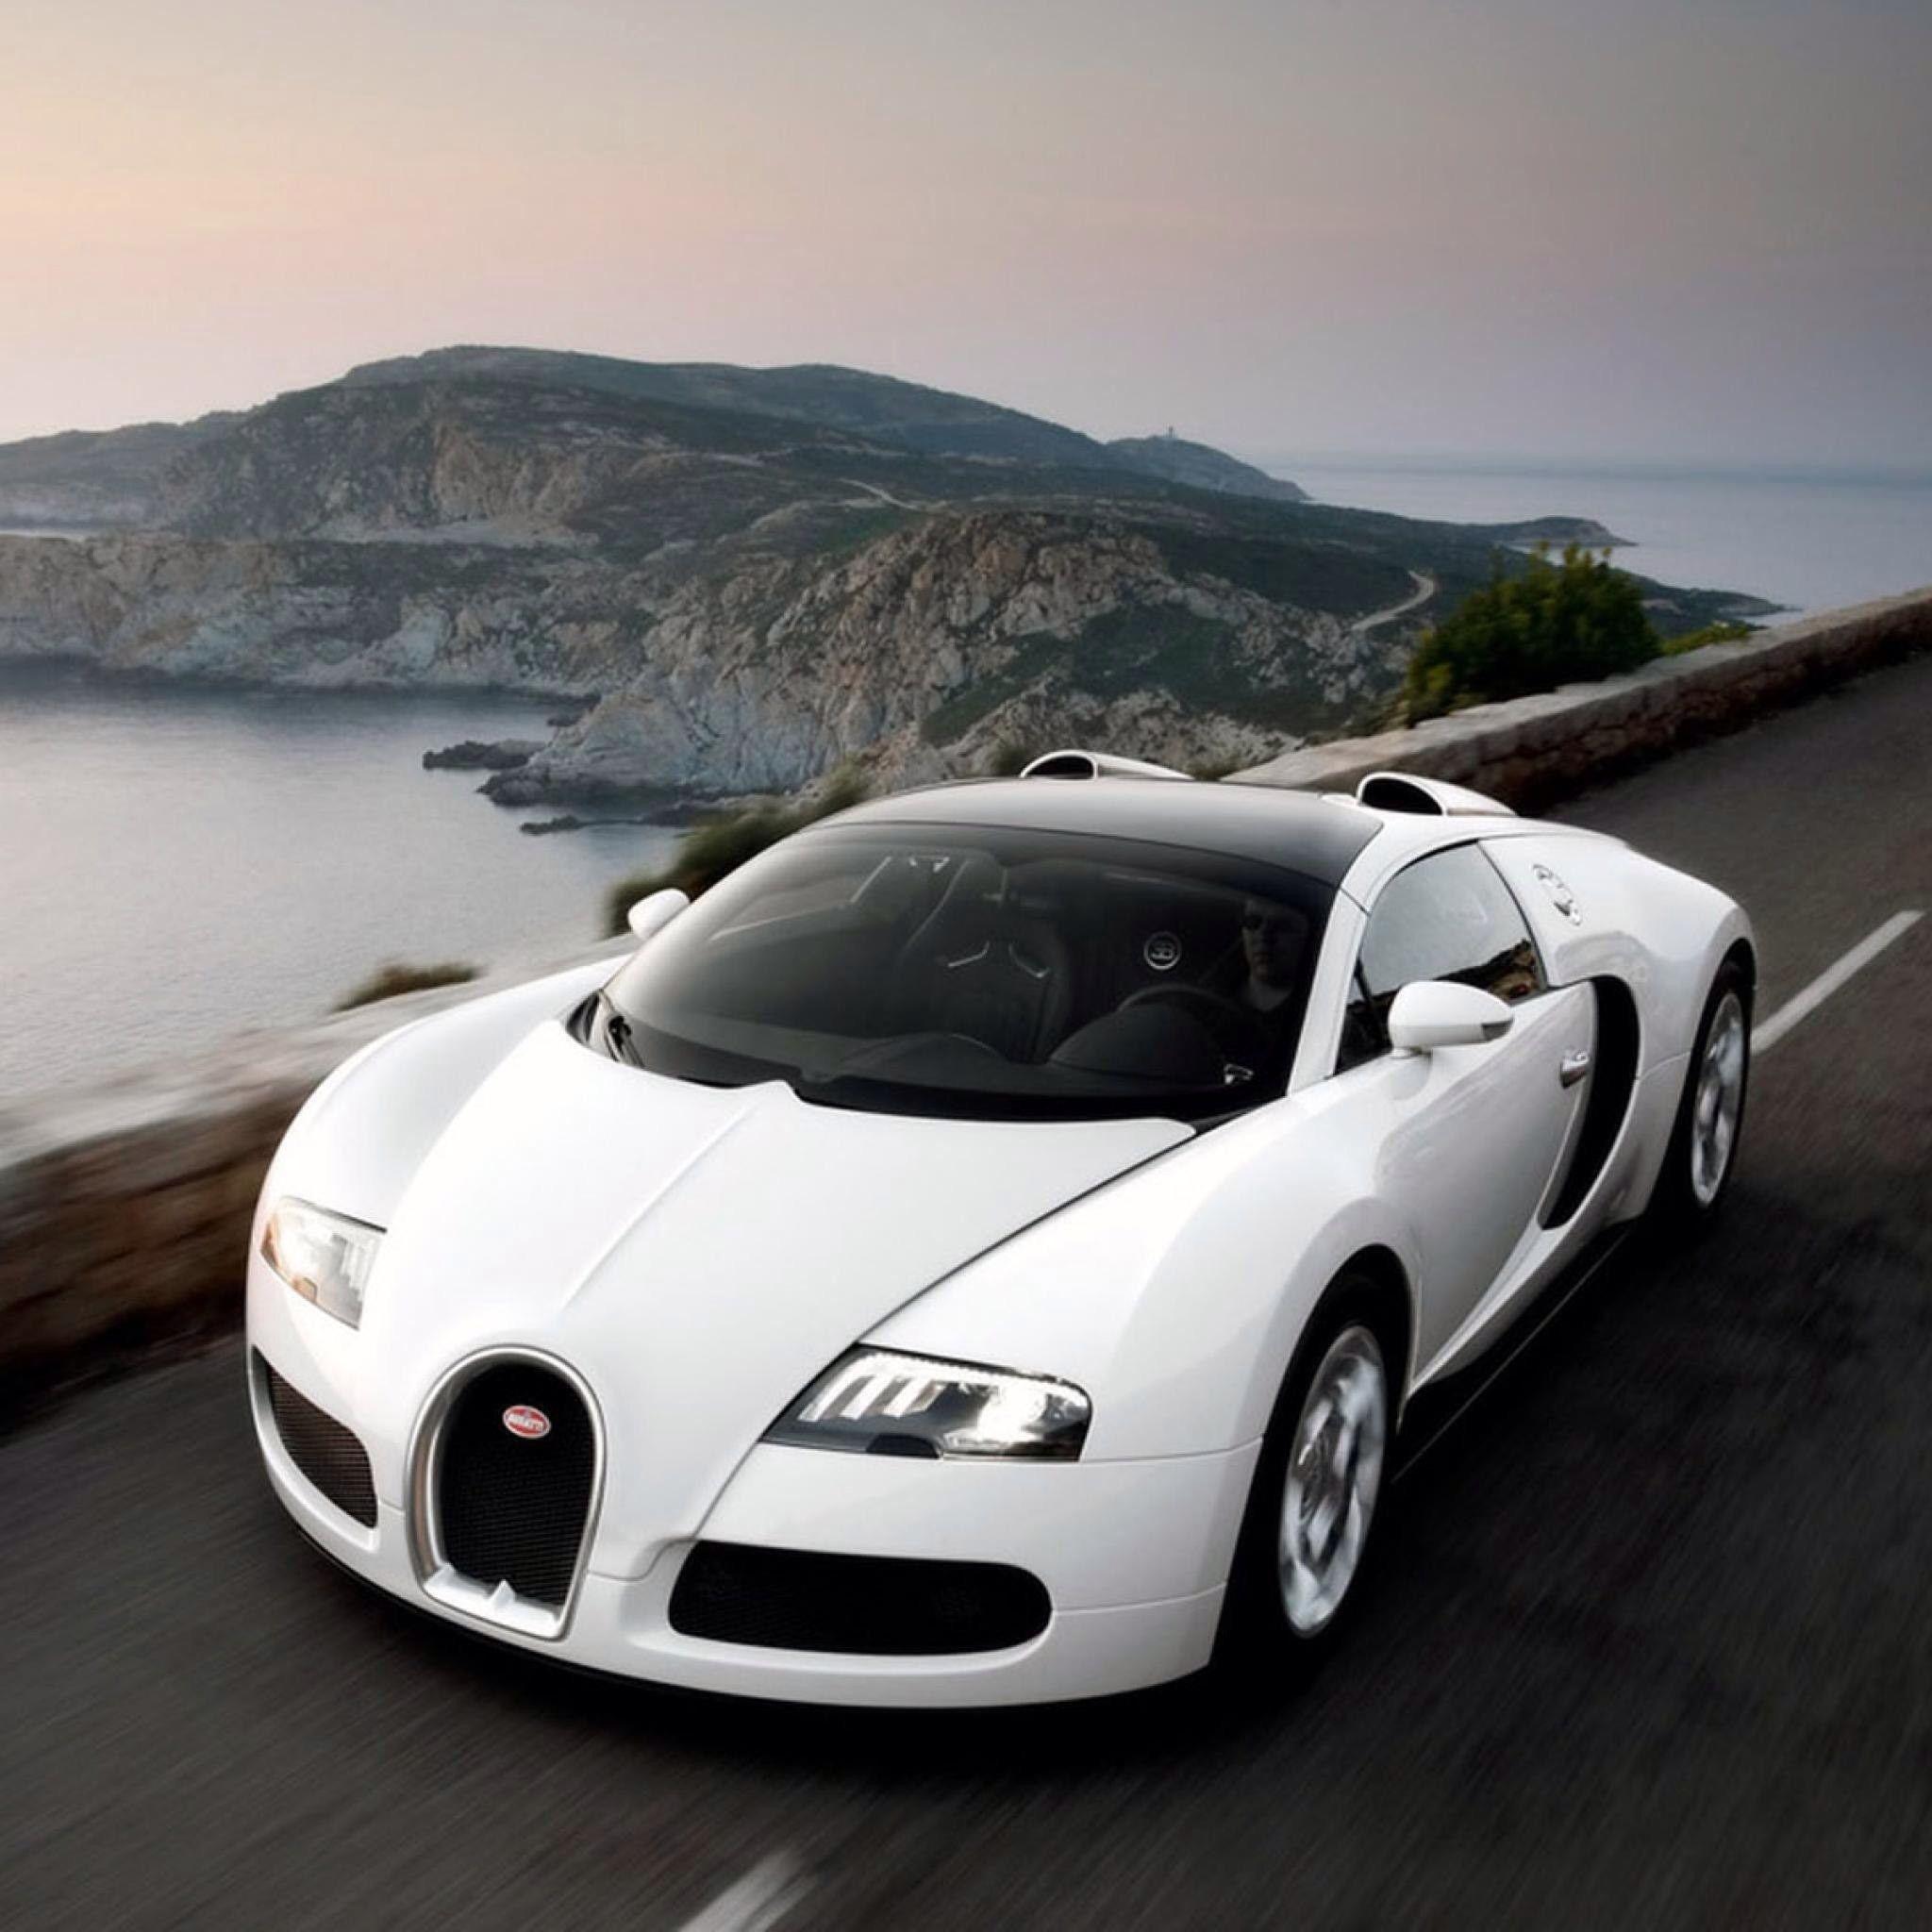 Bugatti Bugatti Veyron Super Sport Bugatti Cars Bugatti Veyron